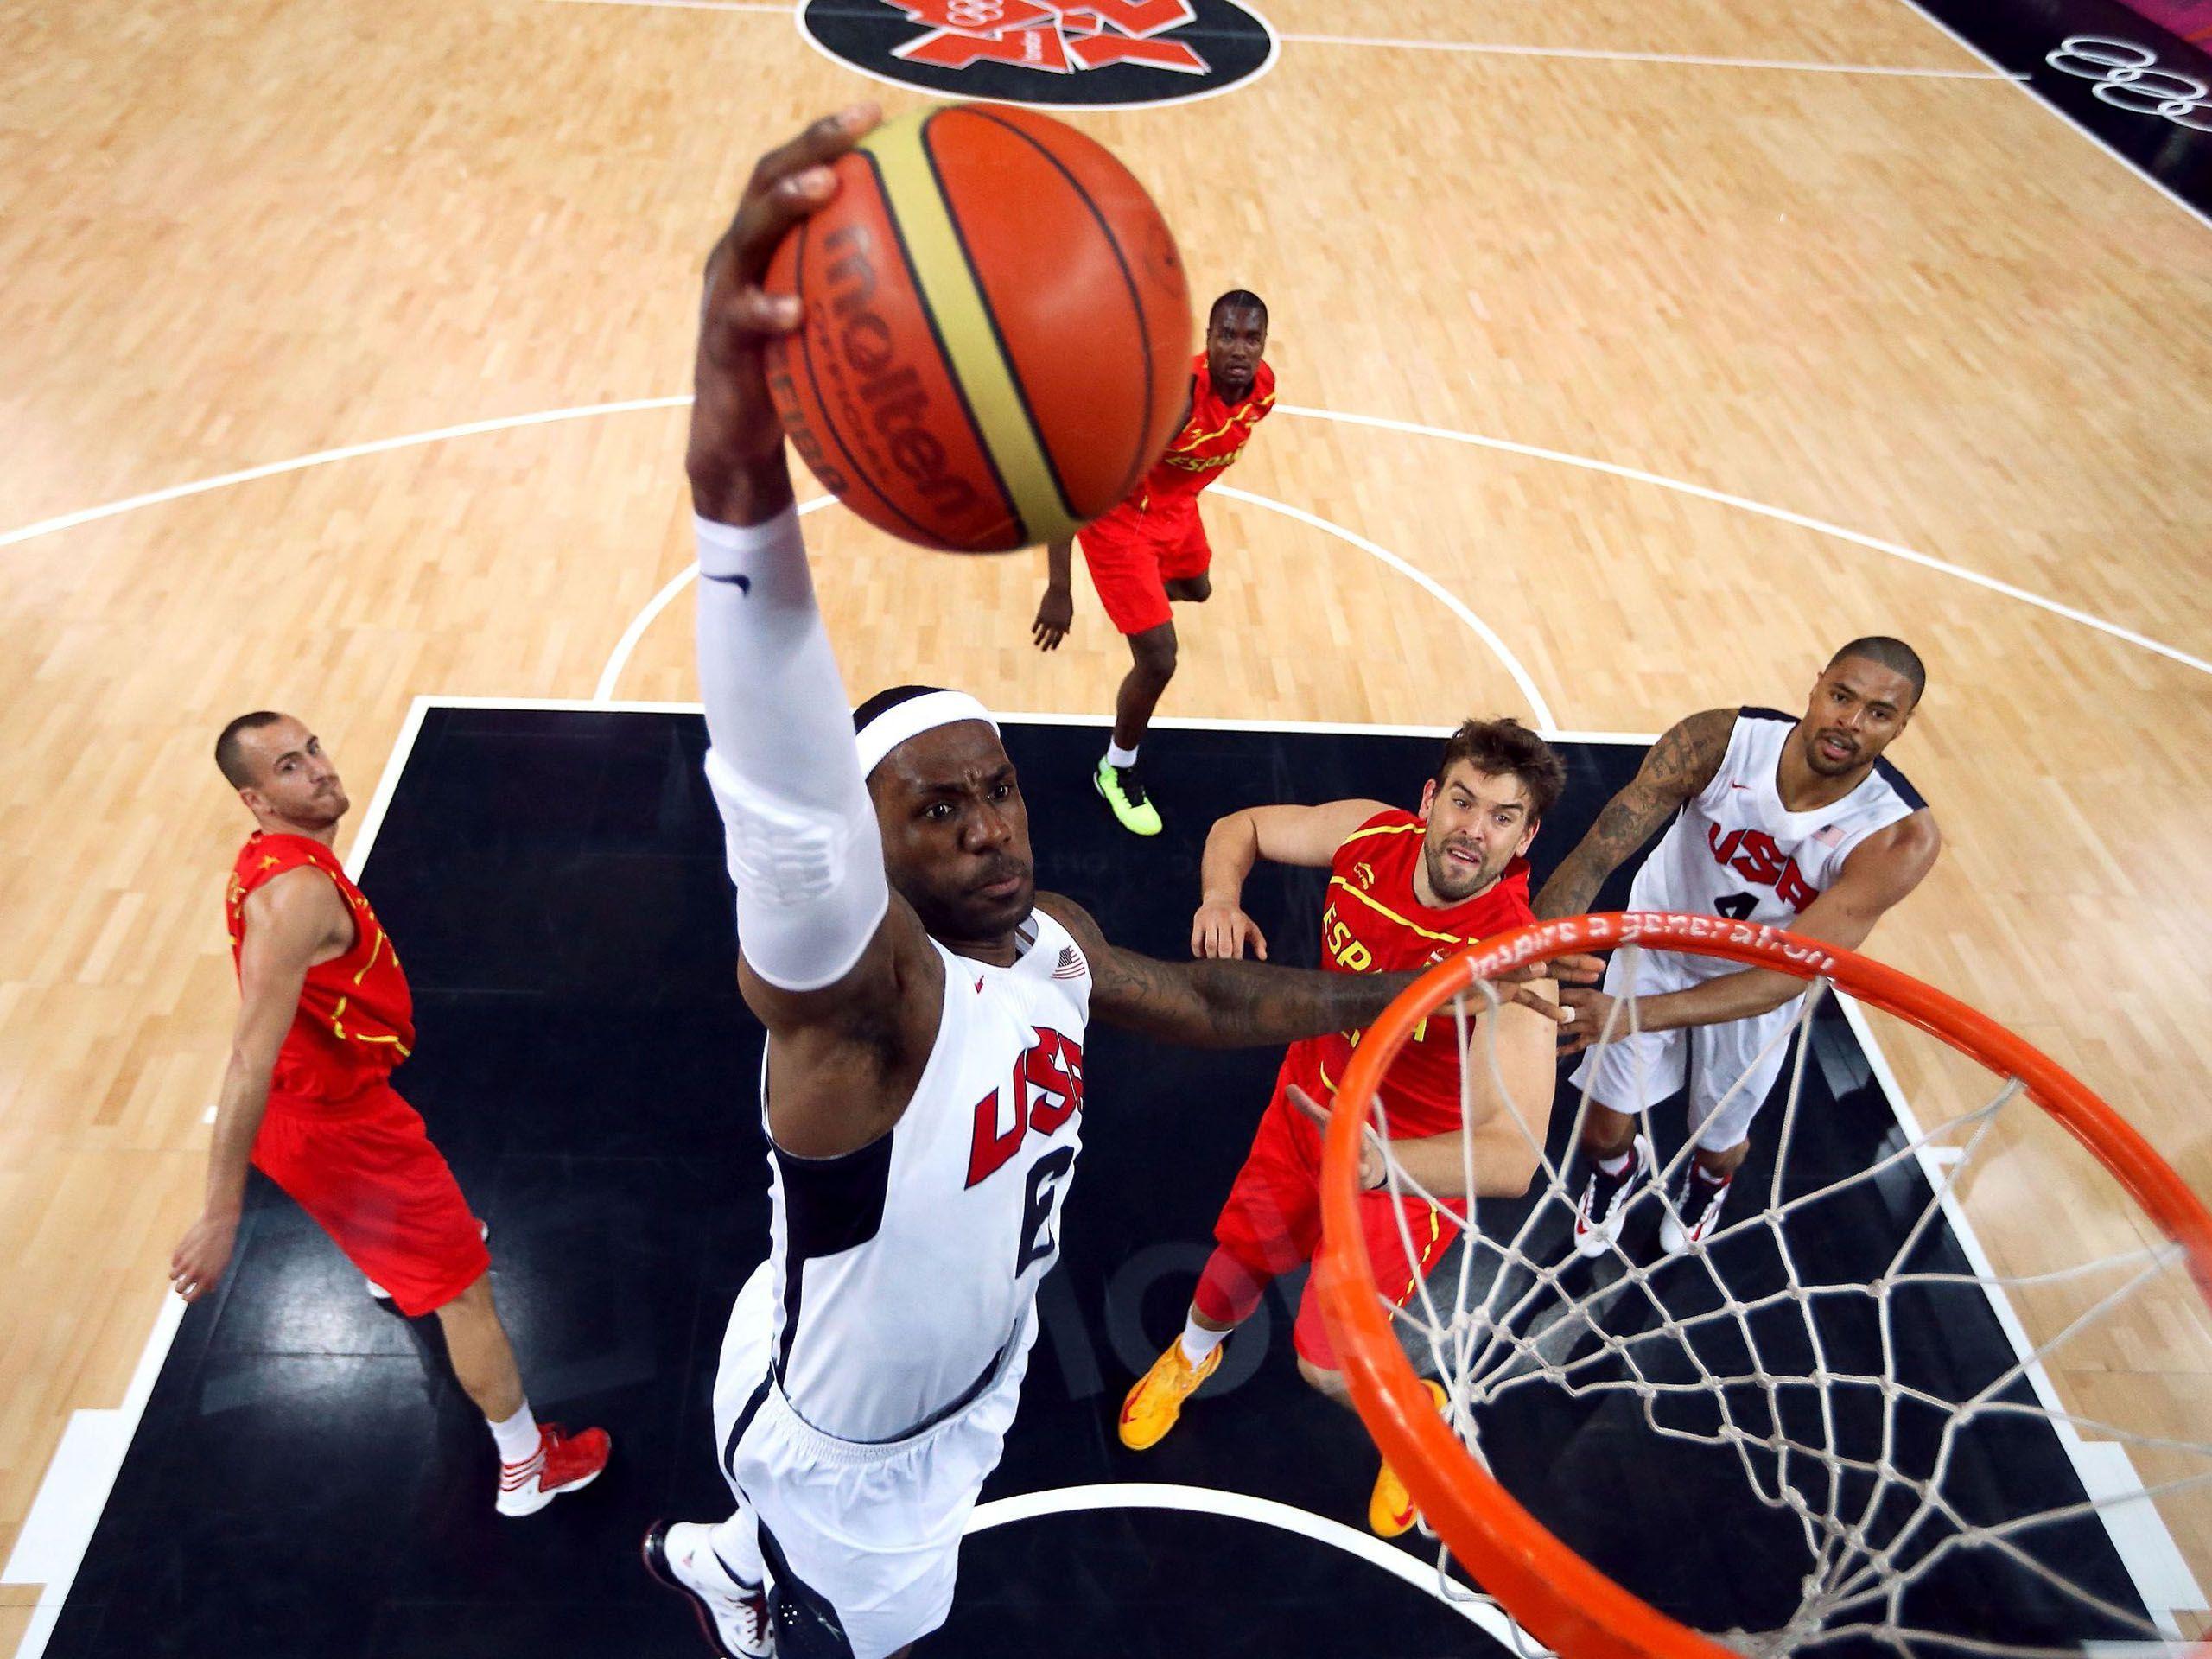 38562 fond d'écran 1440x2560 sur votre téléphone gratuitement, téléchargez des images Basket-Ball, Sport 1440x2560 sur votre mobile